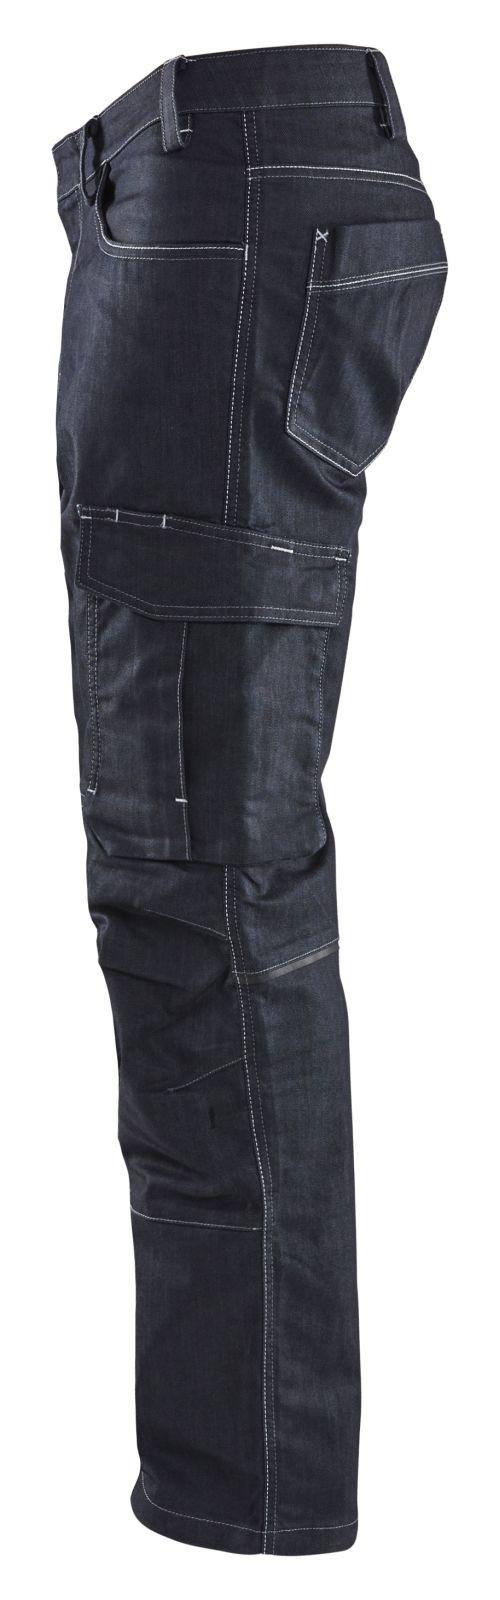 Blaklader Werkbroeken 14391141 Stretch marineblauw(8900)